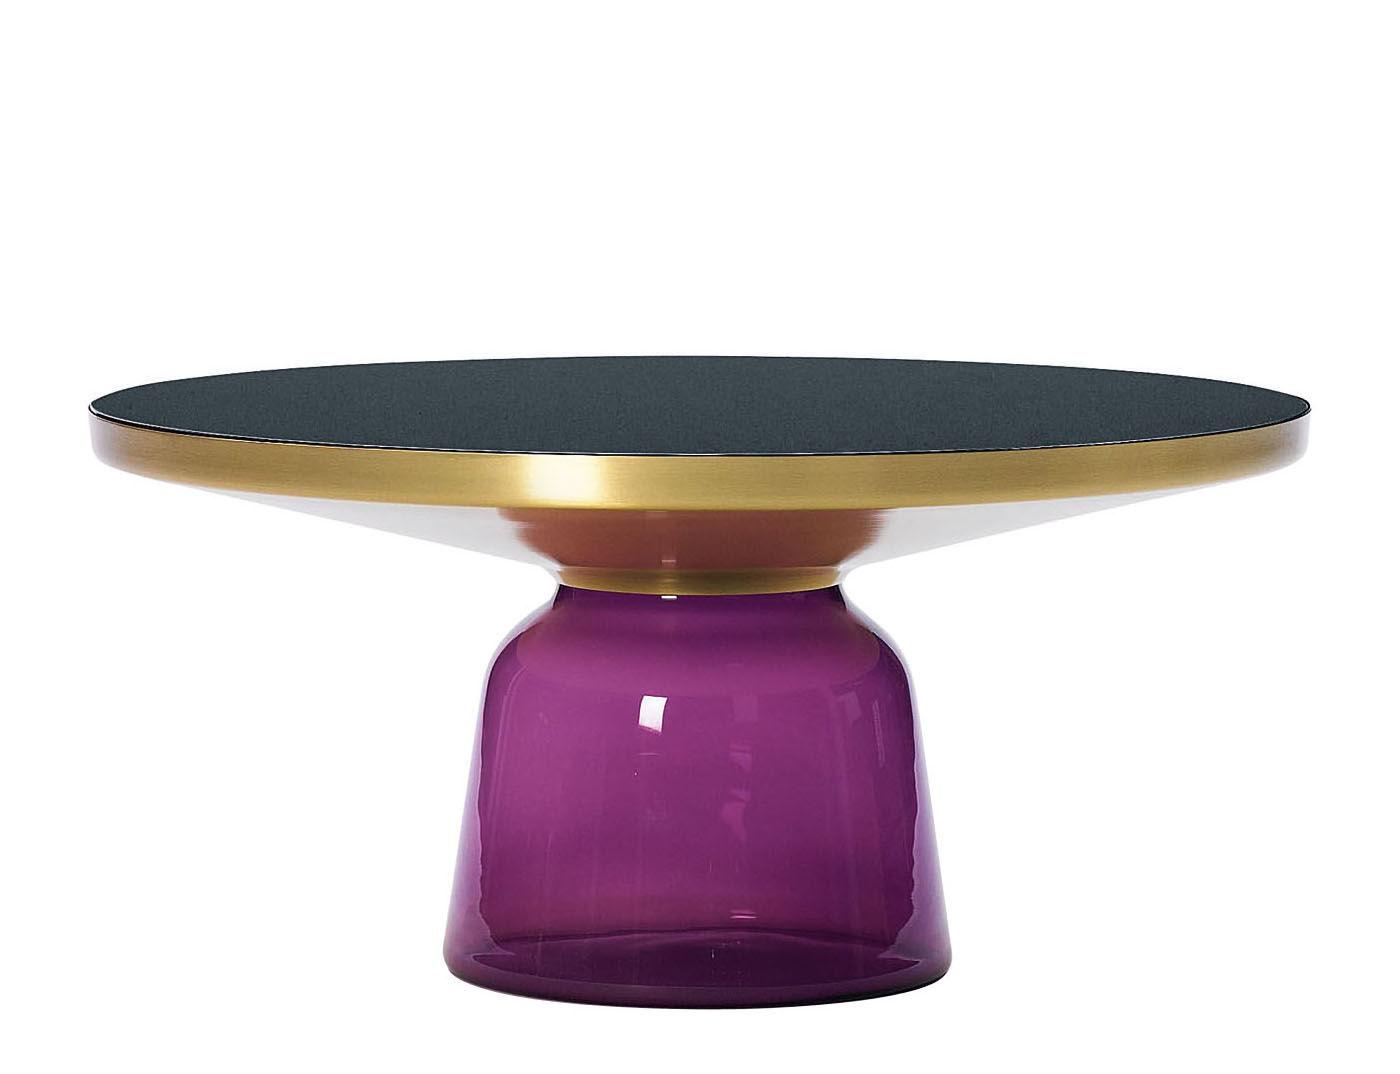 Mobilier - Tables basses - Table basse Bell Coffee / Ø 75 x H 36 cm - Plateau verre - ClassiCon - Violet améthyste / Laiton - Laiton, Verre